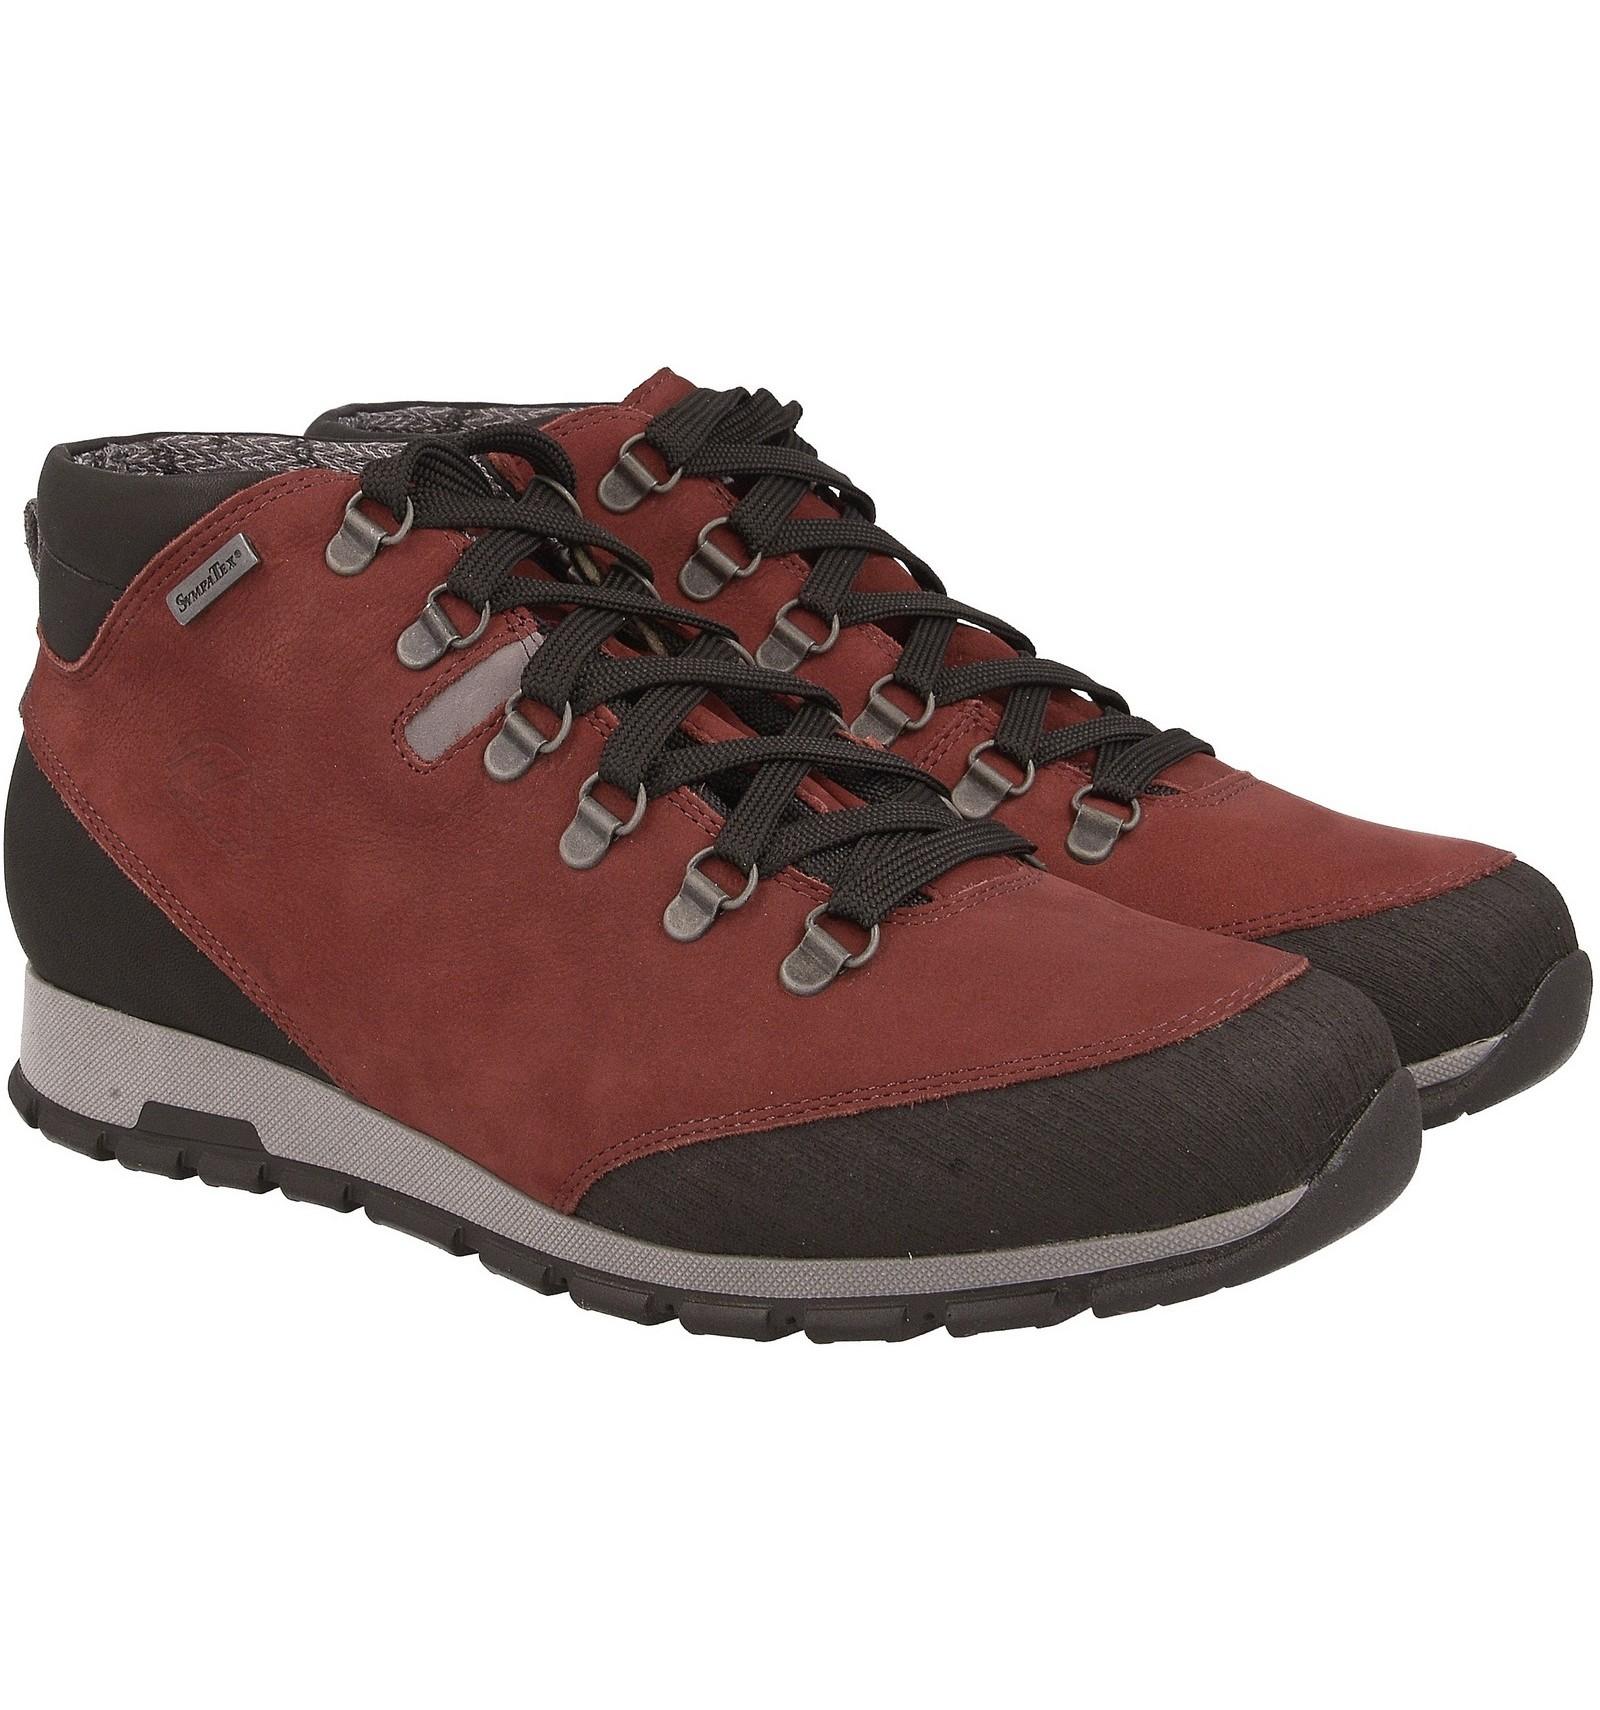 Buty trekkingowe młodzieżowe, niskie, skóra naturalna BORDO, membrana oddychająca